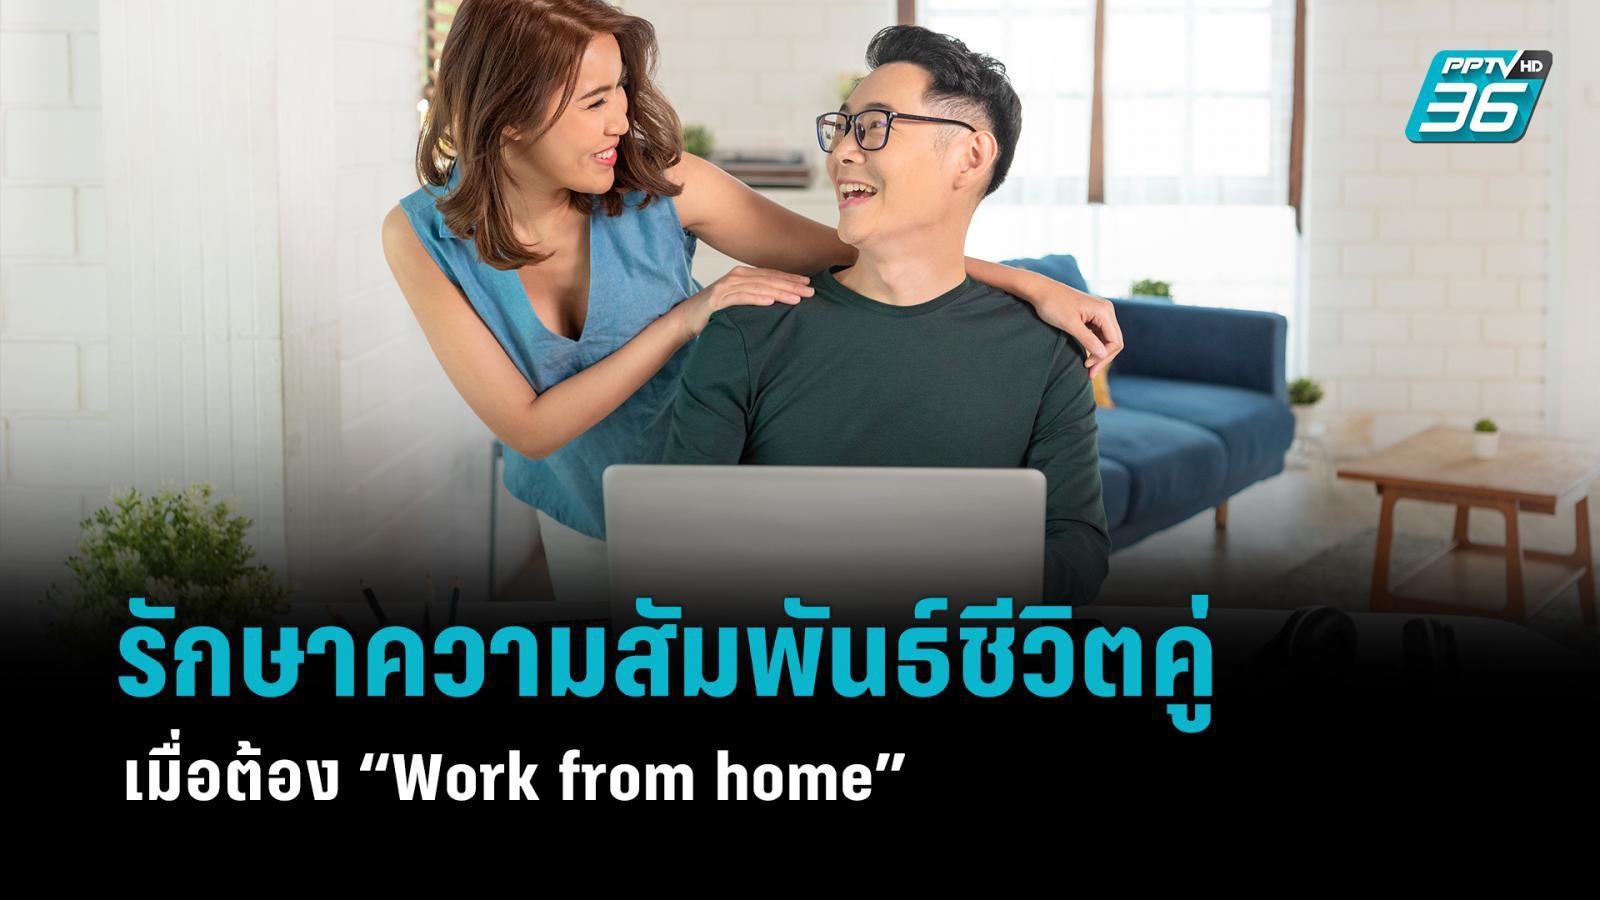 """รักษาความสัมพันธ์ชีวิตคู่ เมื่อต้อง """"Work from home"""""""